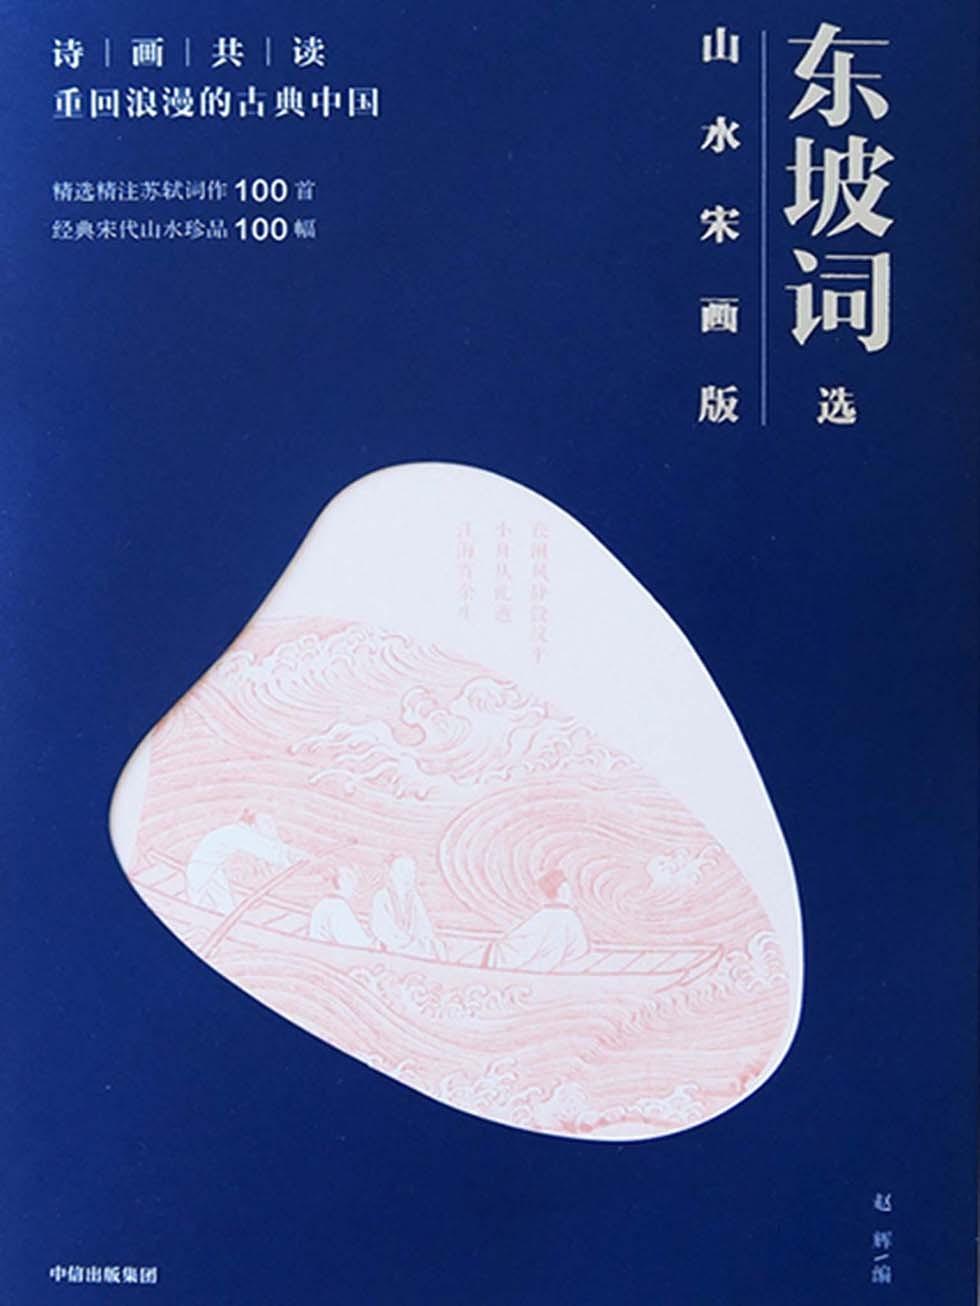 东坡词选-山水宋画版pdf-epub-mobi-txt-azw3